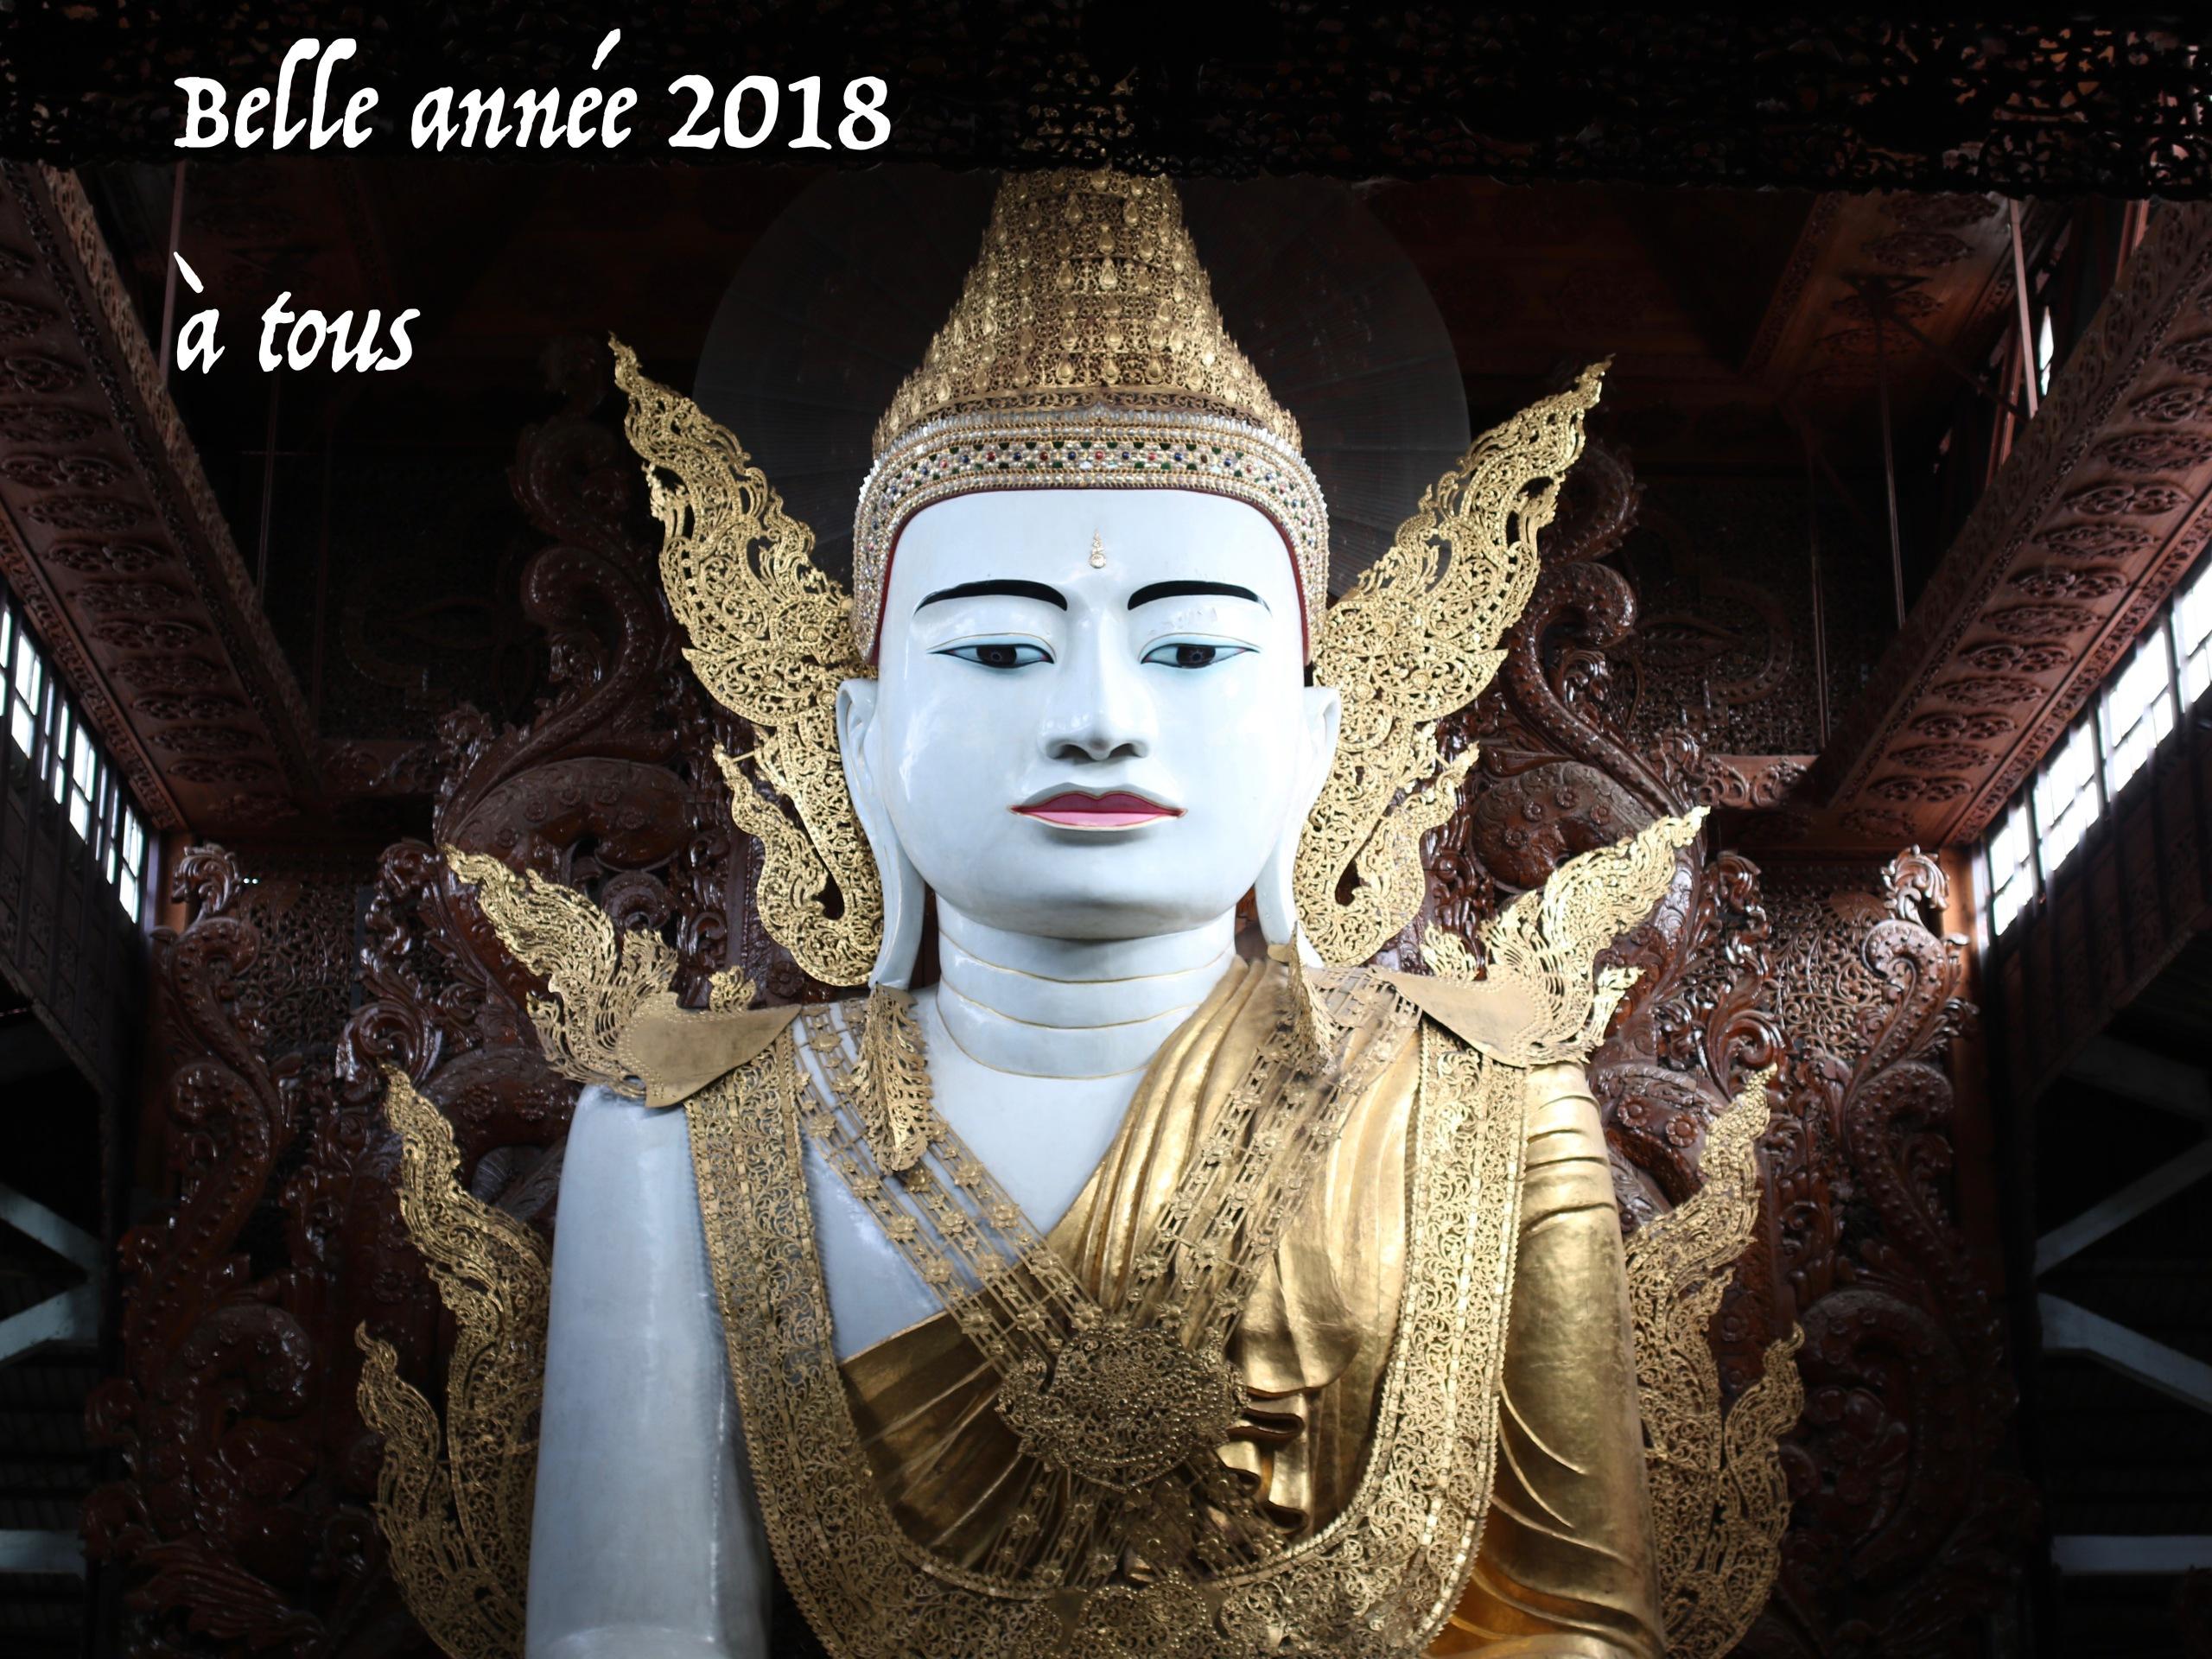 Bonnée 2018 à tous